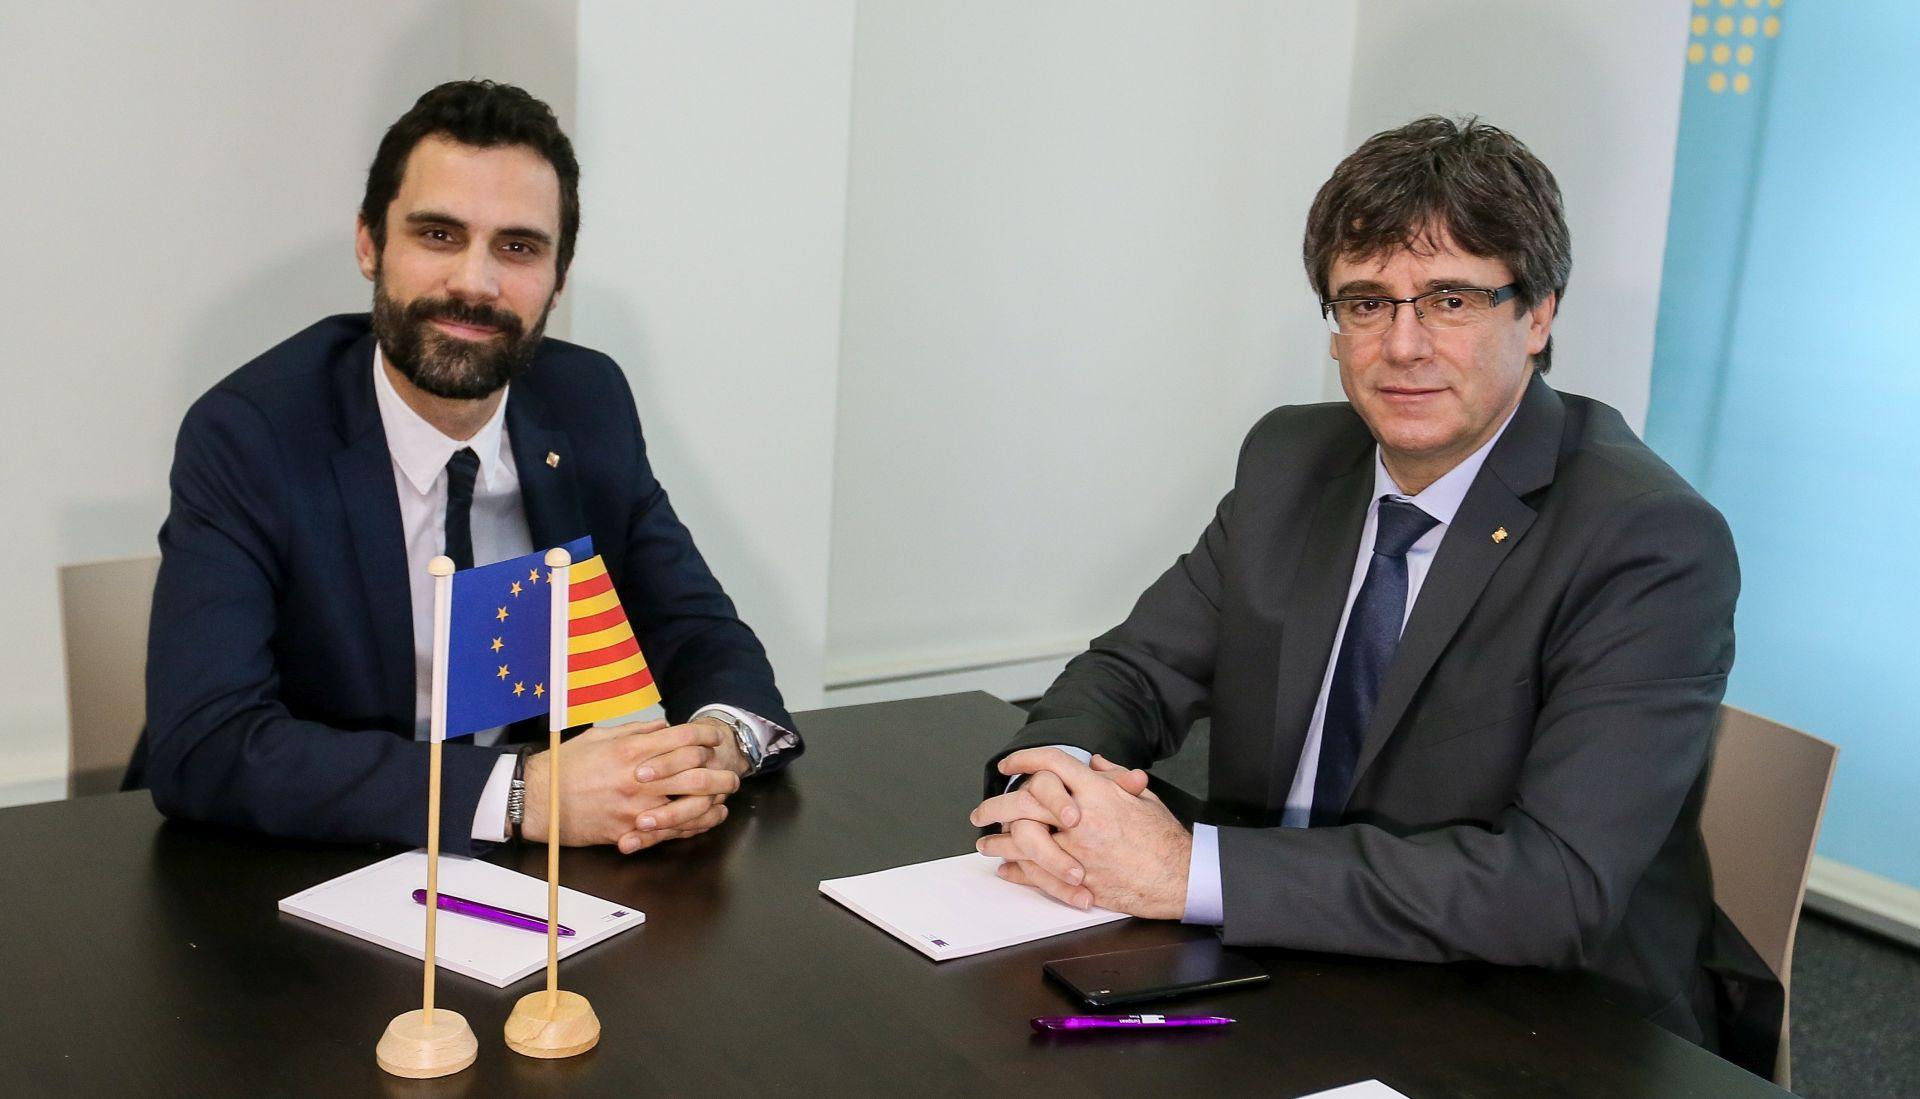 Ustavni sud onemogućio imenovanje Puigdemonta za predsjednika Katalonije